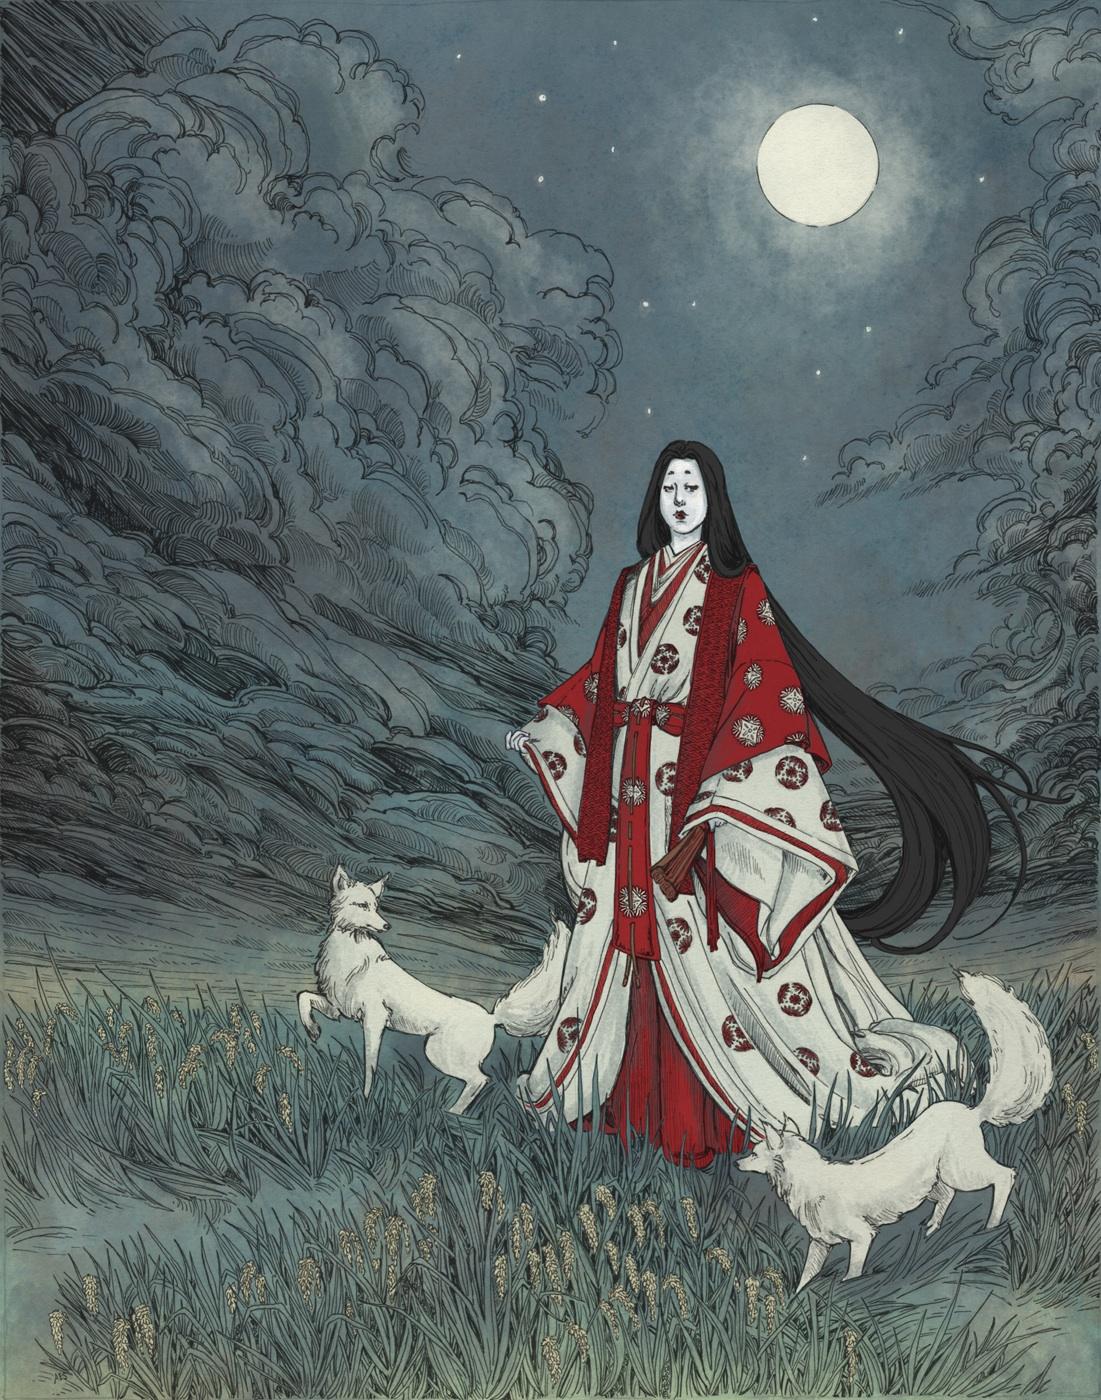 Inari Ōkami: A Divindade da Prosperidade no Japão